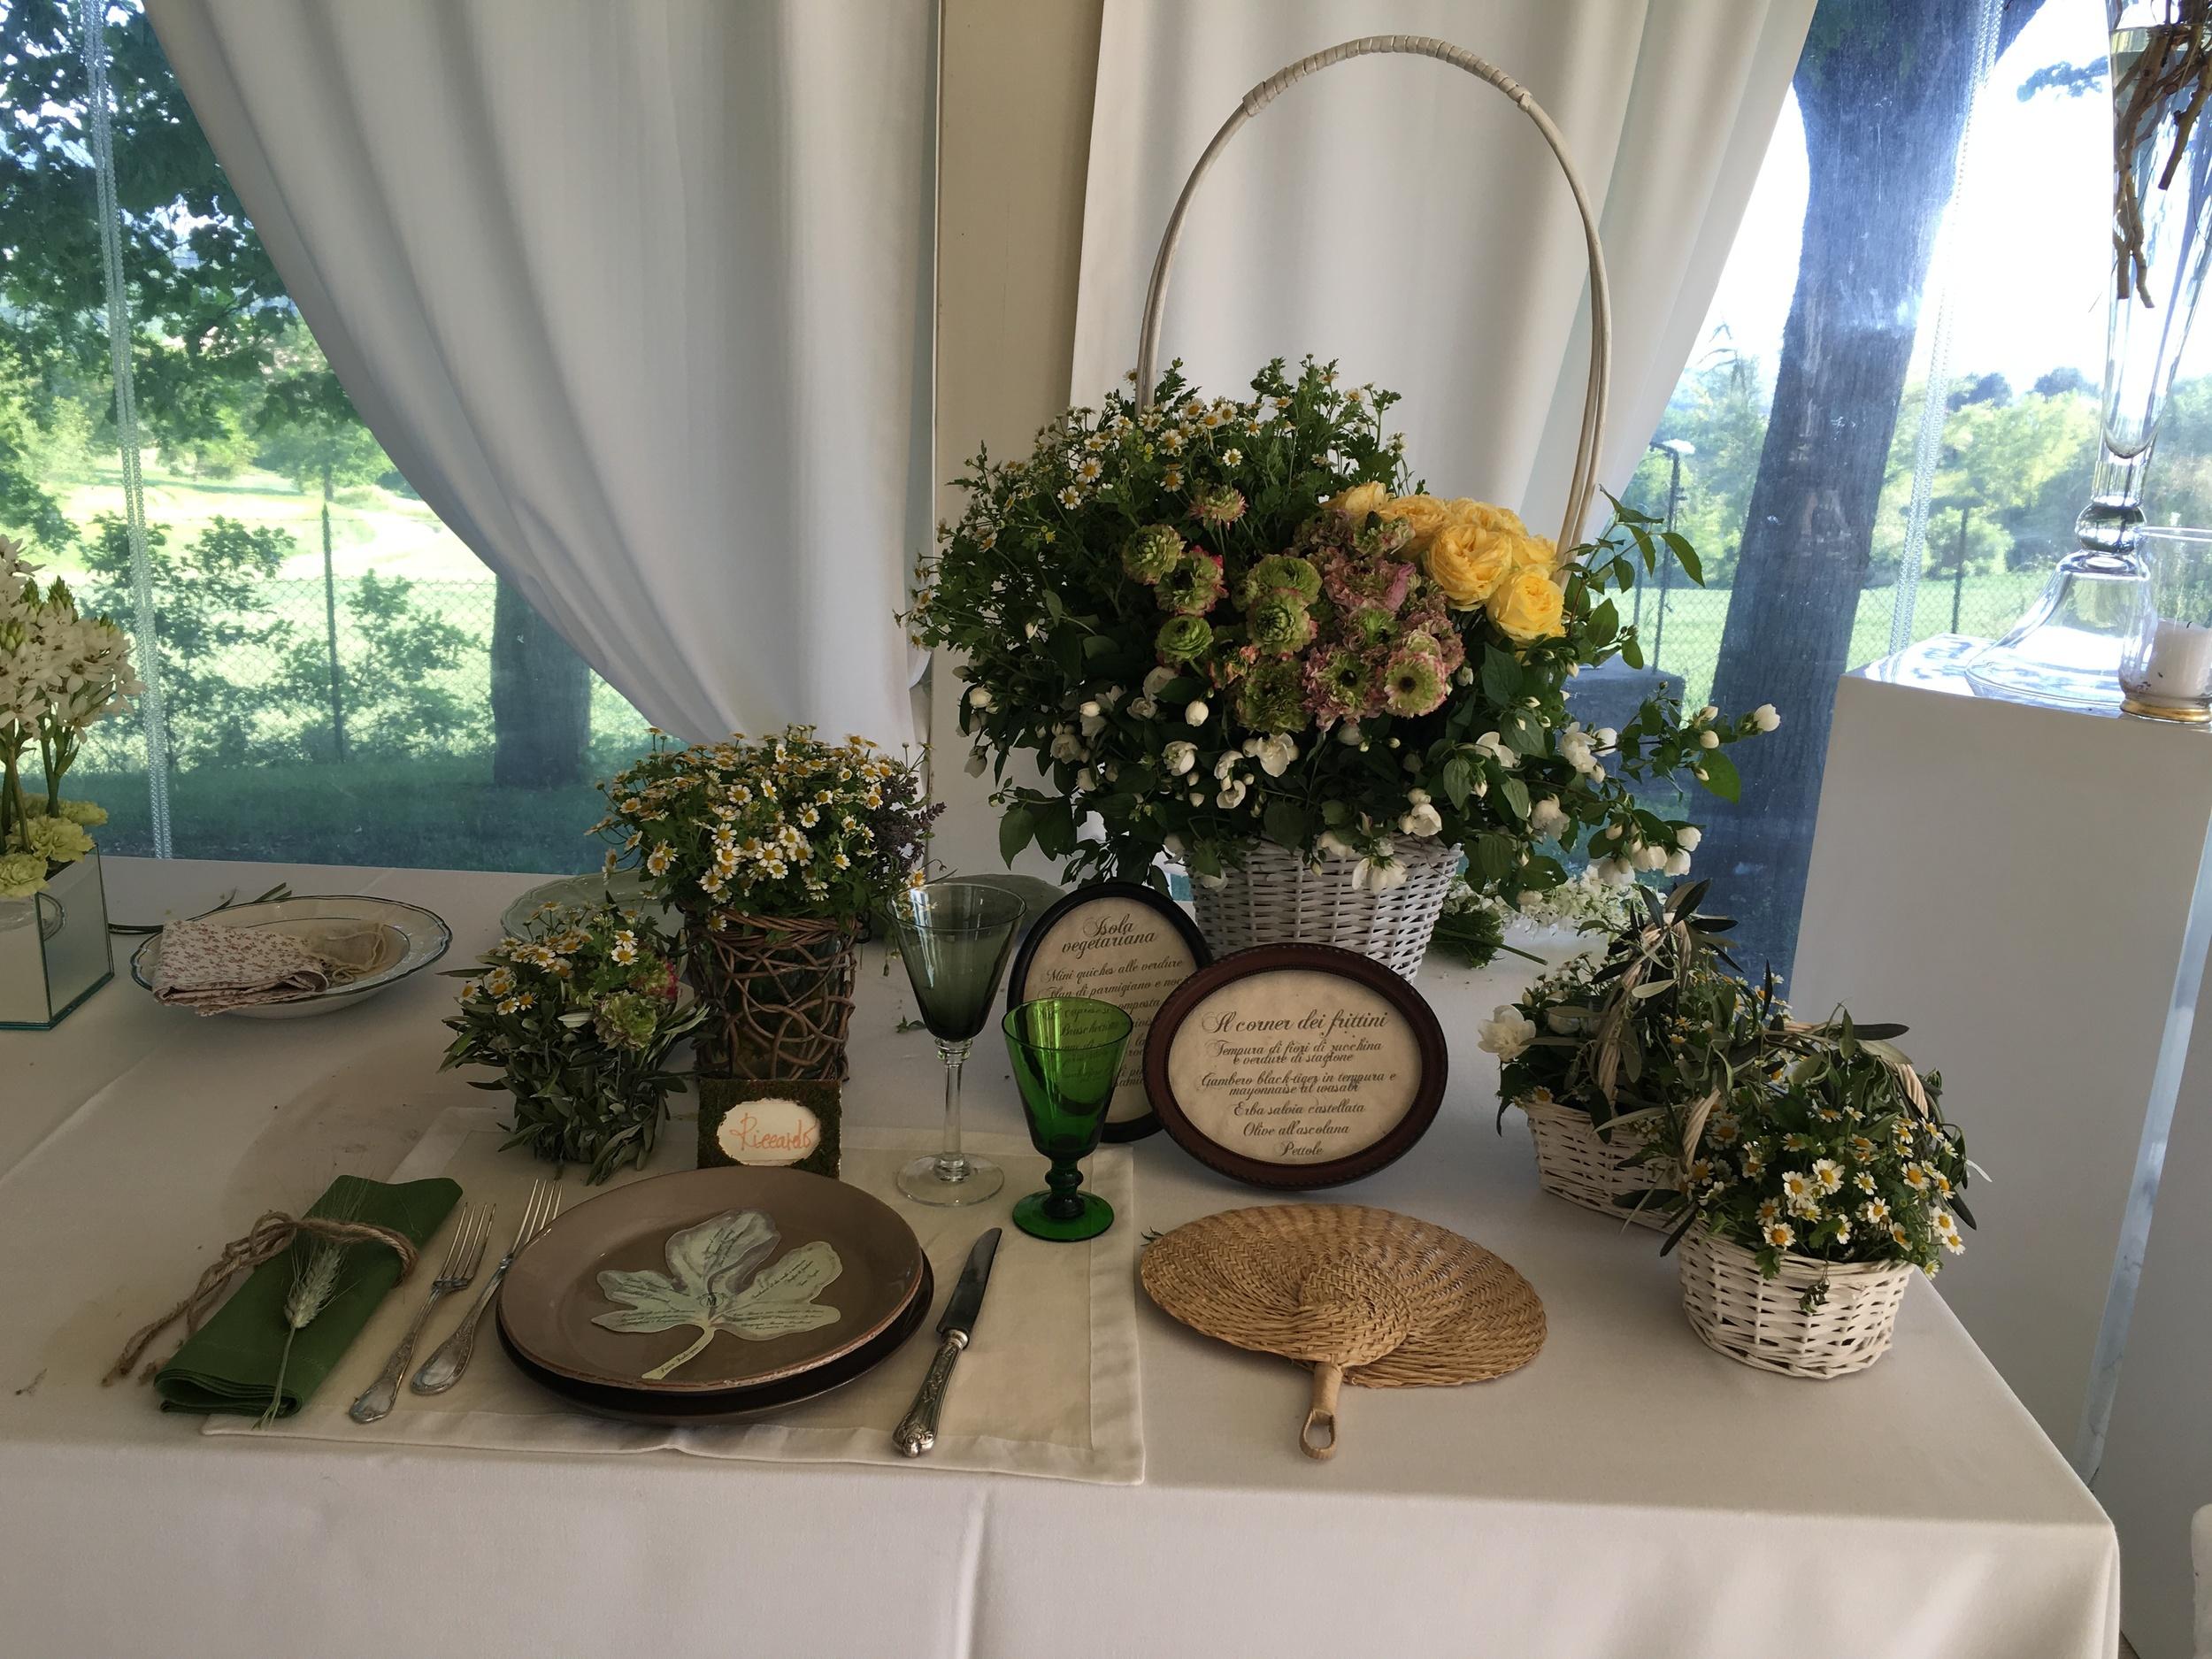 enzo miccio accademy la bouquetteria bra cuneo fioraio matrimonio langhe e roero bouquet sposa allestimenti floreali nozze fiori (1).JPG